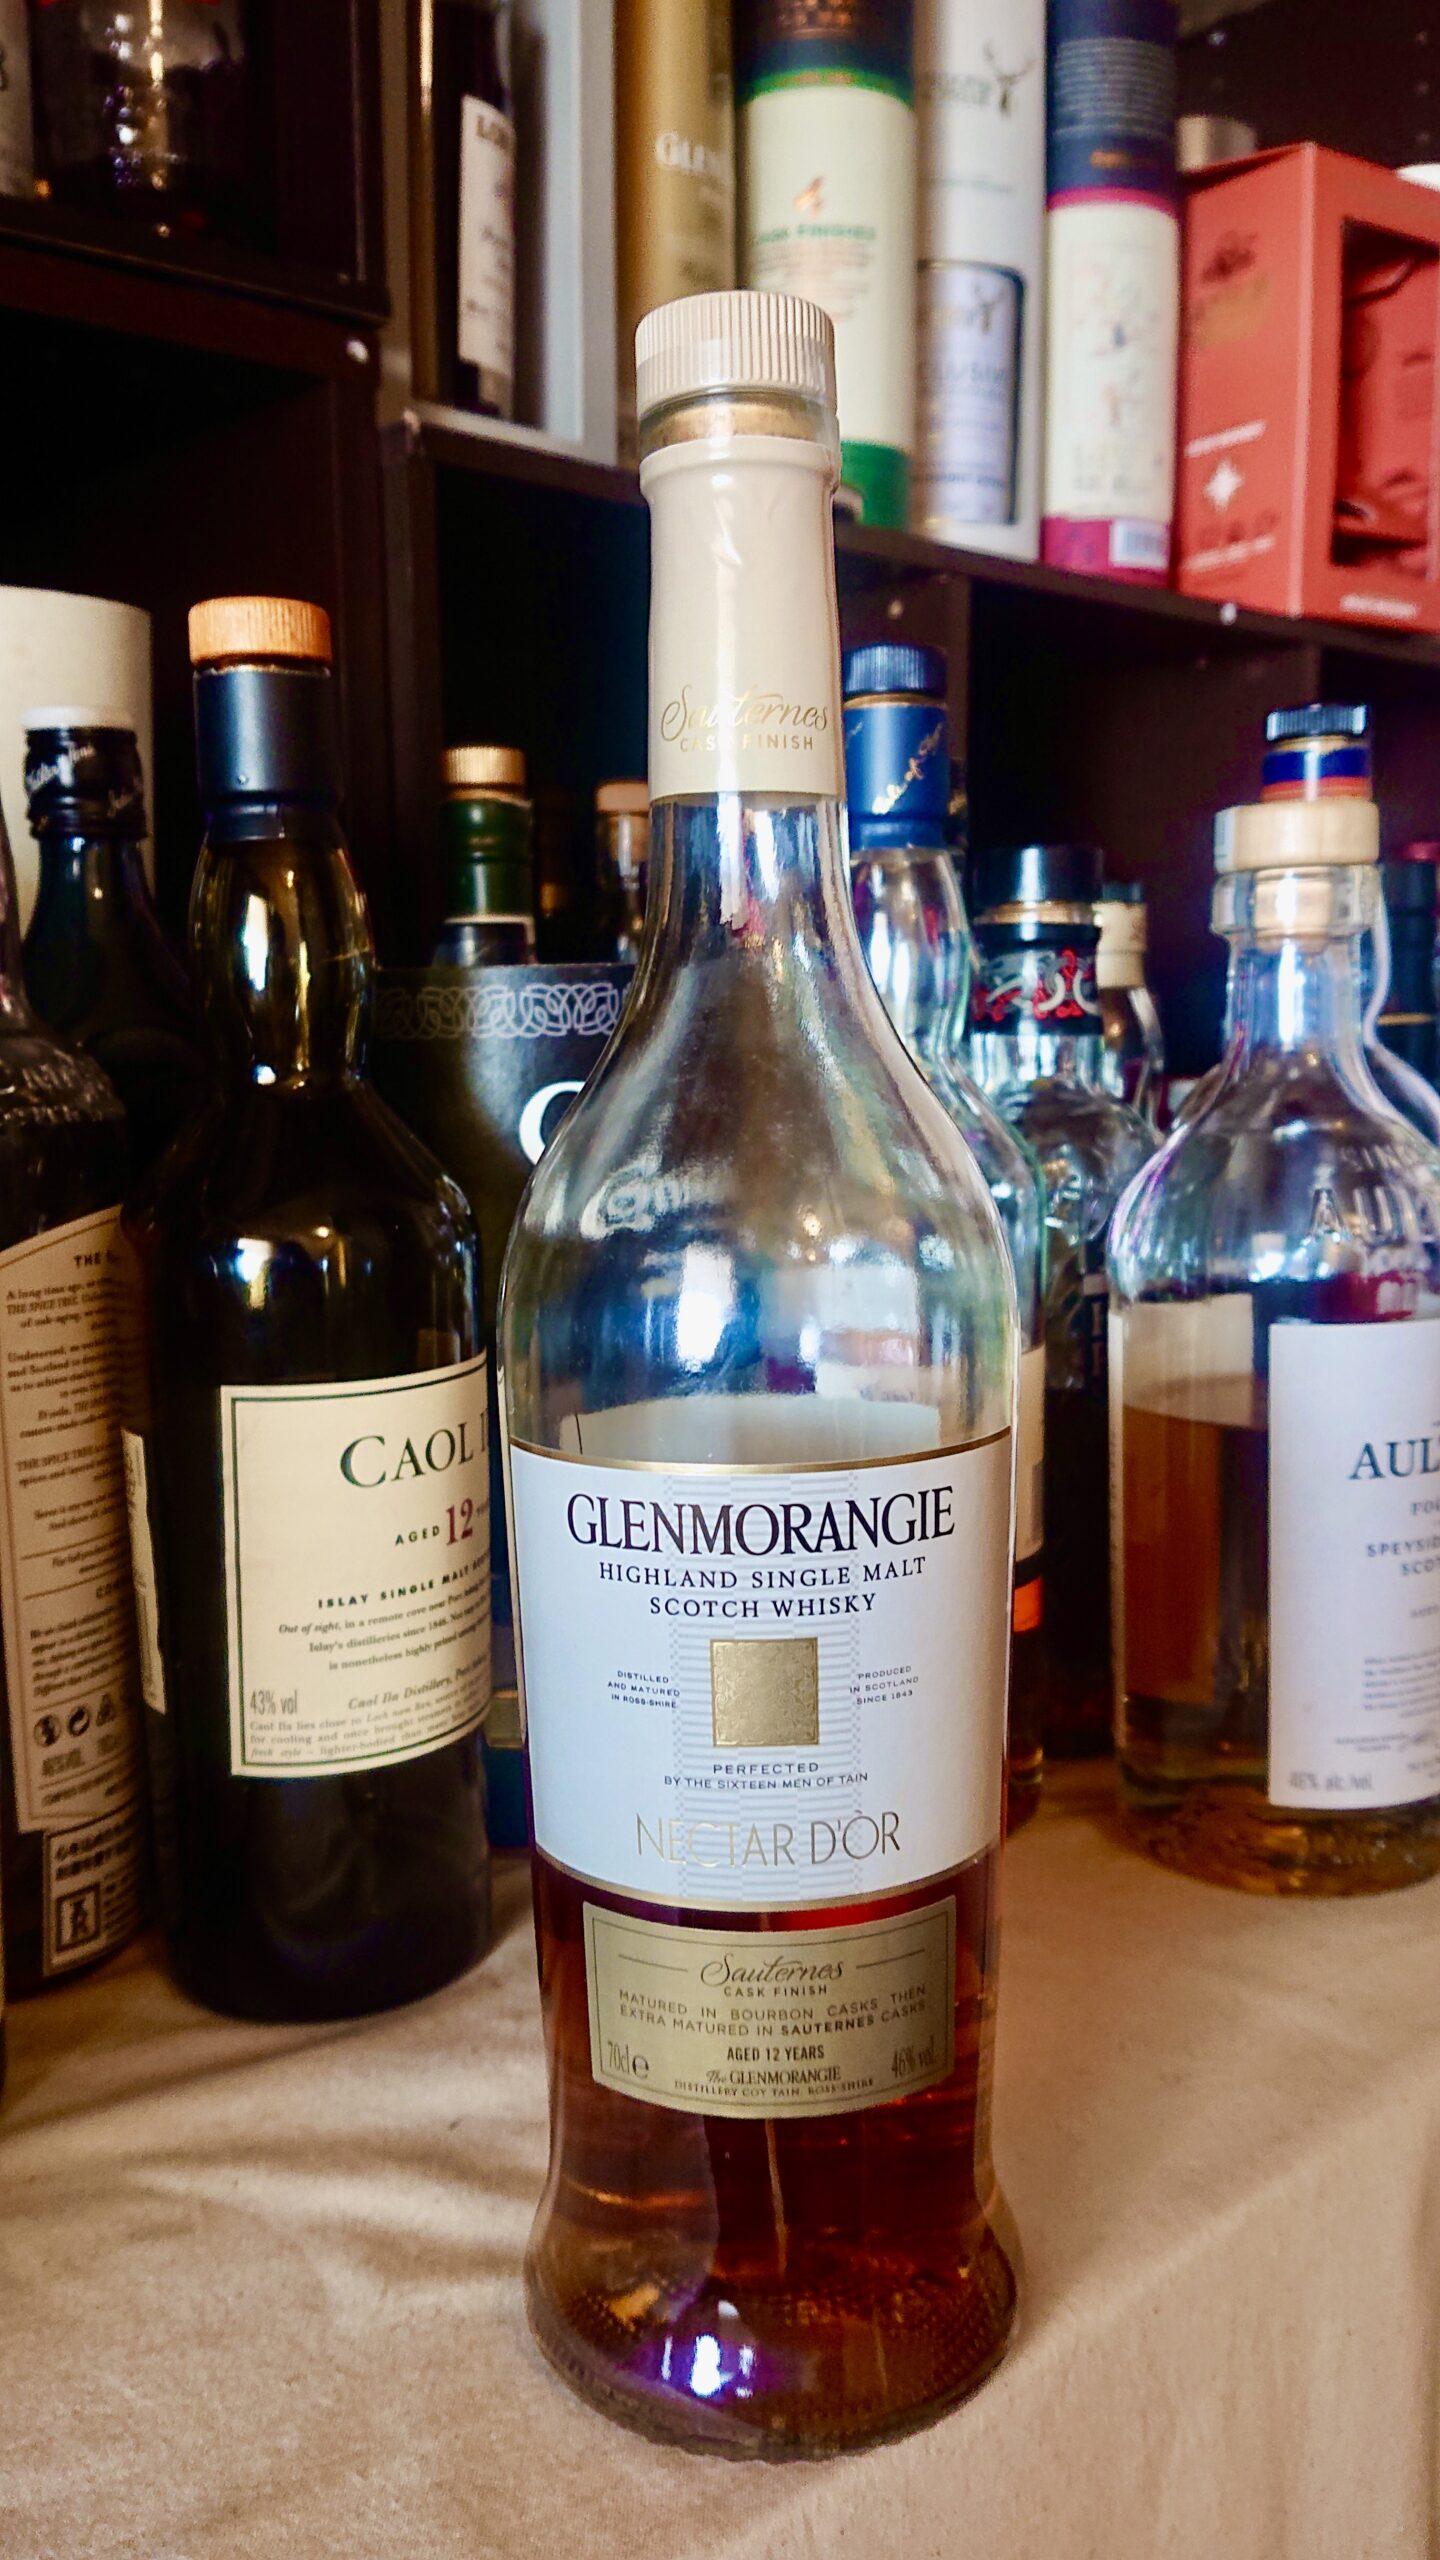 グレンモーレンジィネクタドール12年のテイスティング・樽のパイオニアによる、ソーテルヌワイン樽後熟の美酒